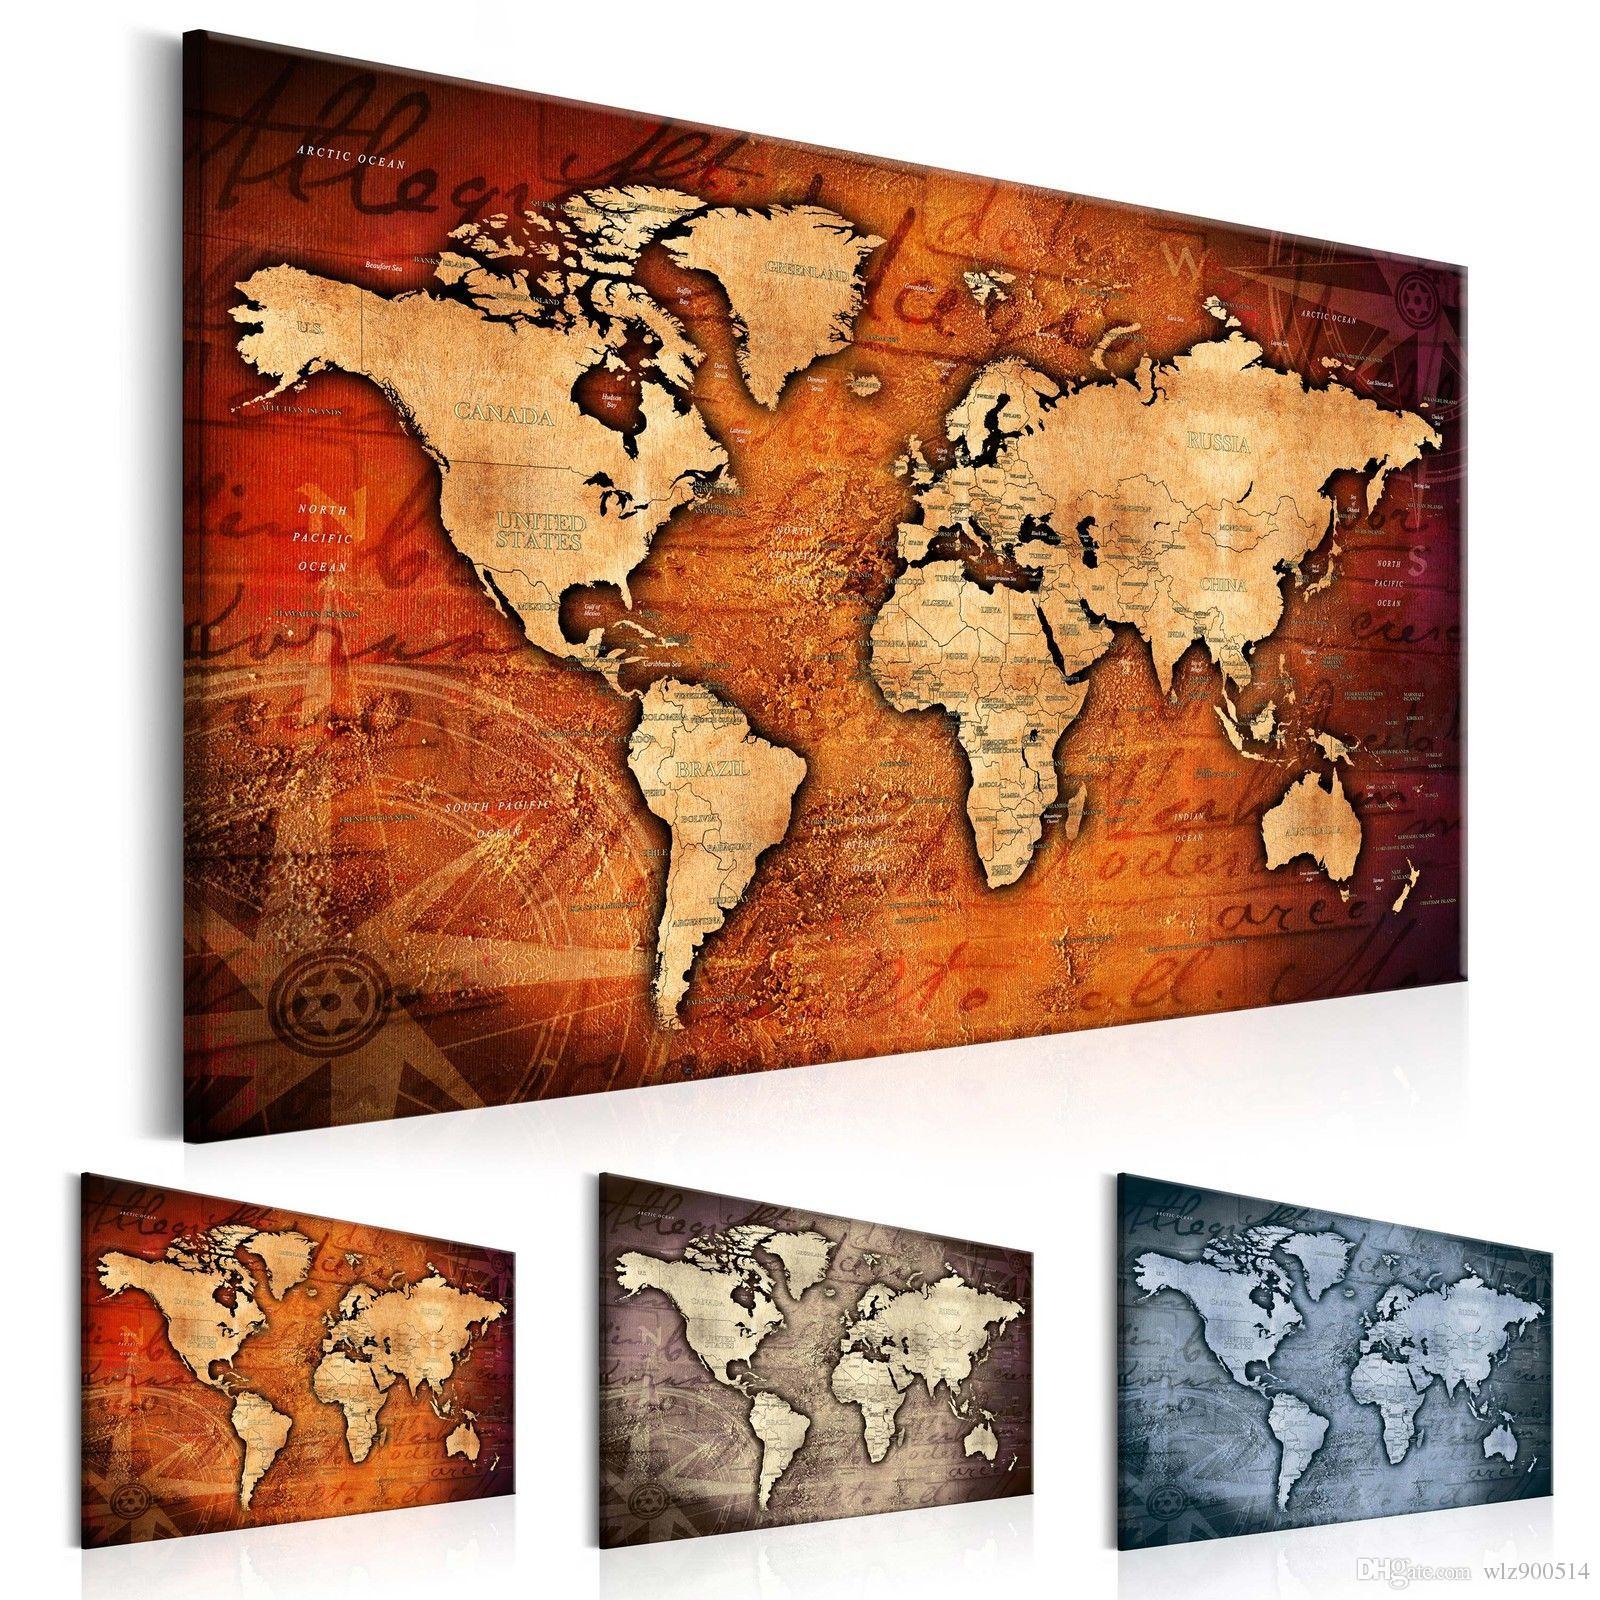 1 لوحة كبيرة hd مطبوعة قماش طباعة اللوحة الرجعية خريطة العالم تزيين المنزل جدار غرفة المعيشة جدار الفن على قماش (متعدد الألوان) ن